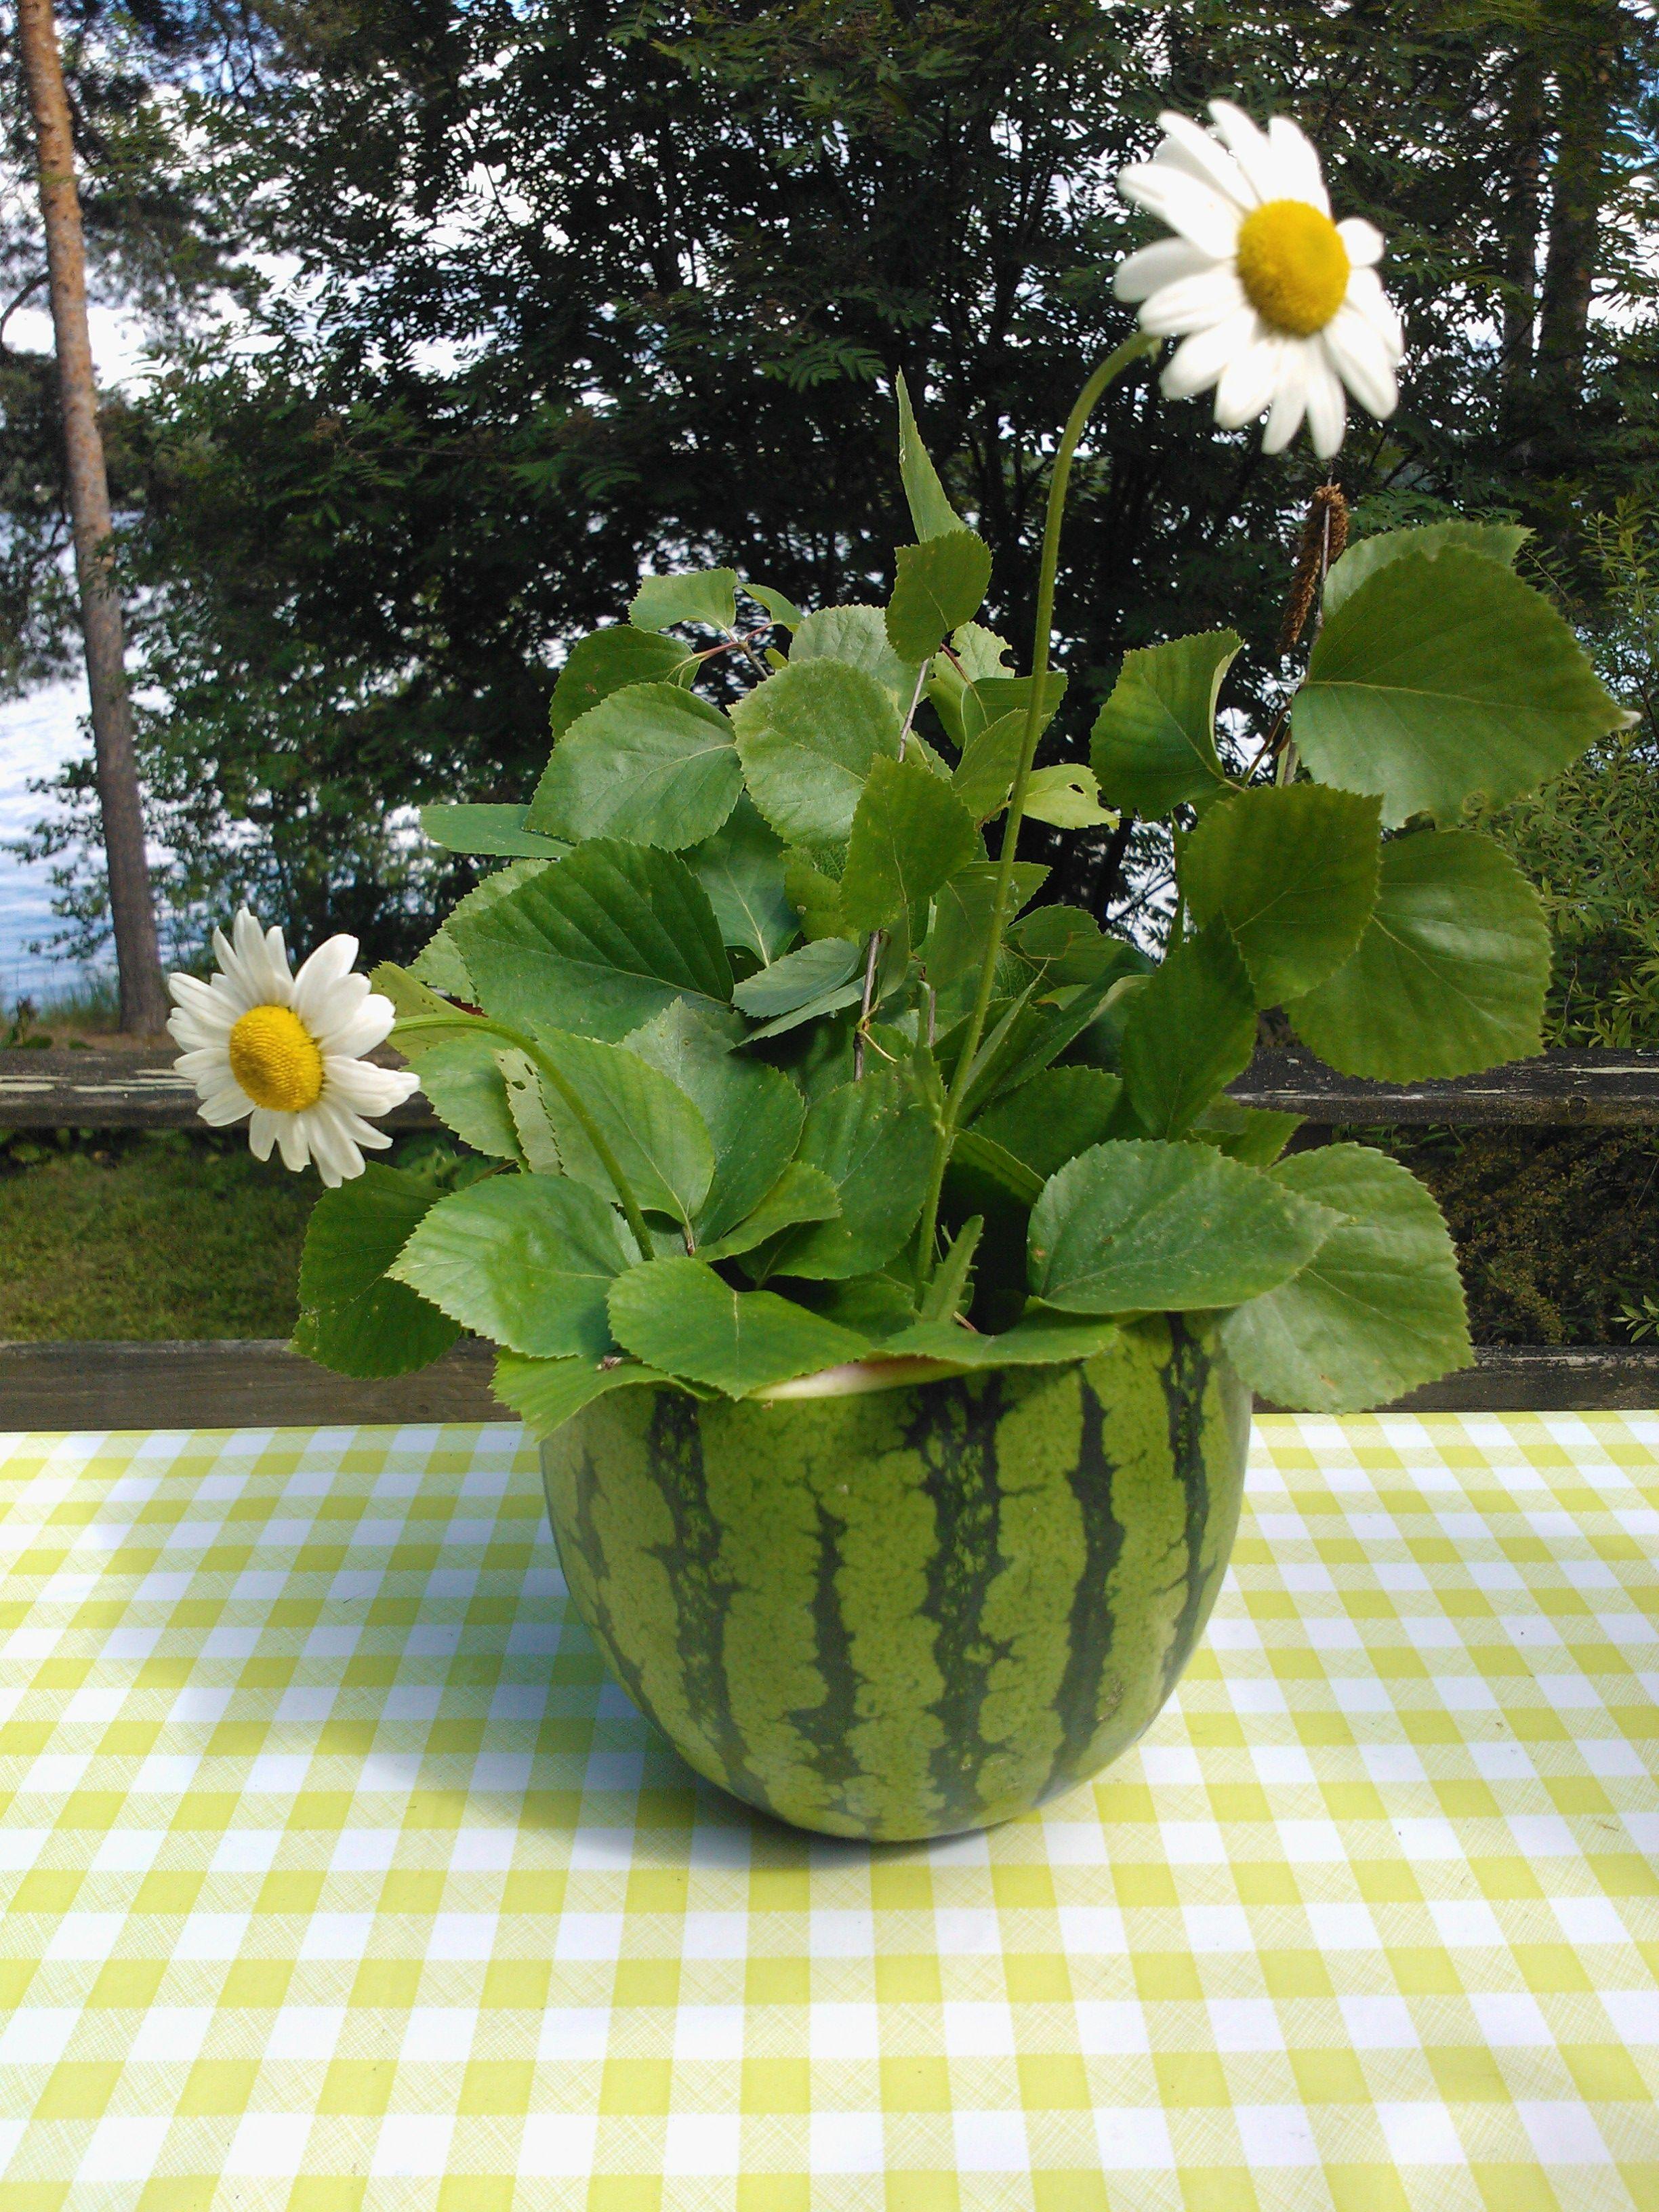 Juhannus vesimeloni - Midsummer watermelon :)